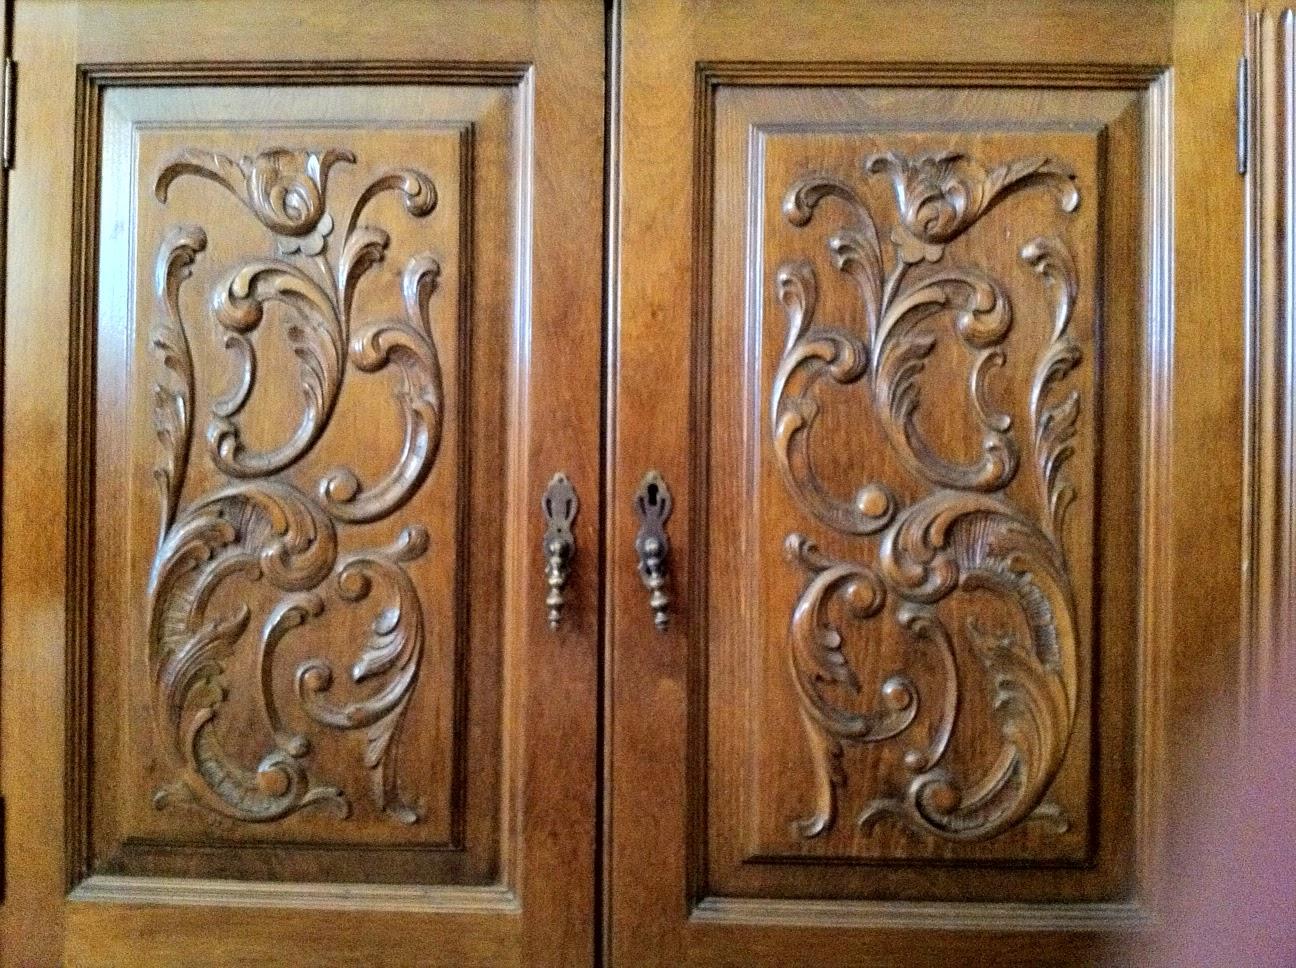 Blog de jos de torres tallas en las puertas de un mueble - Pintura puertas madera ...